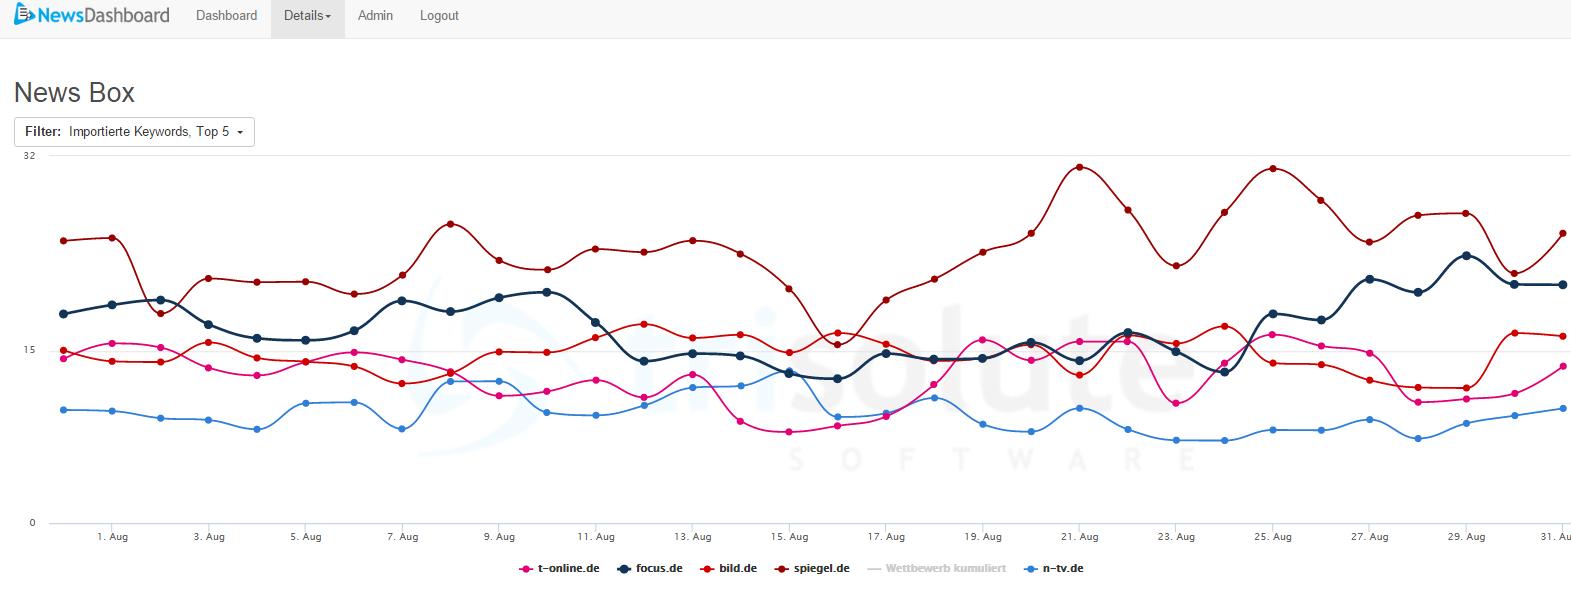 Spiegel dominiert auch den August bei den Google News Boxen in Deutschland